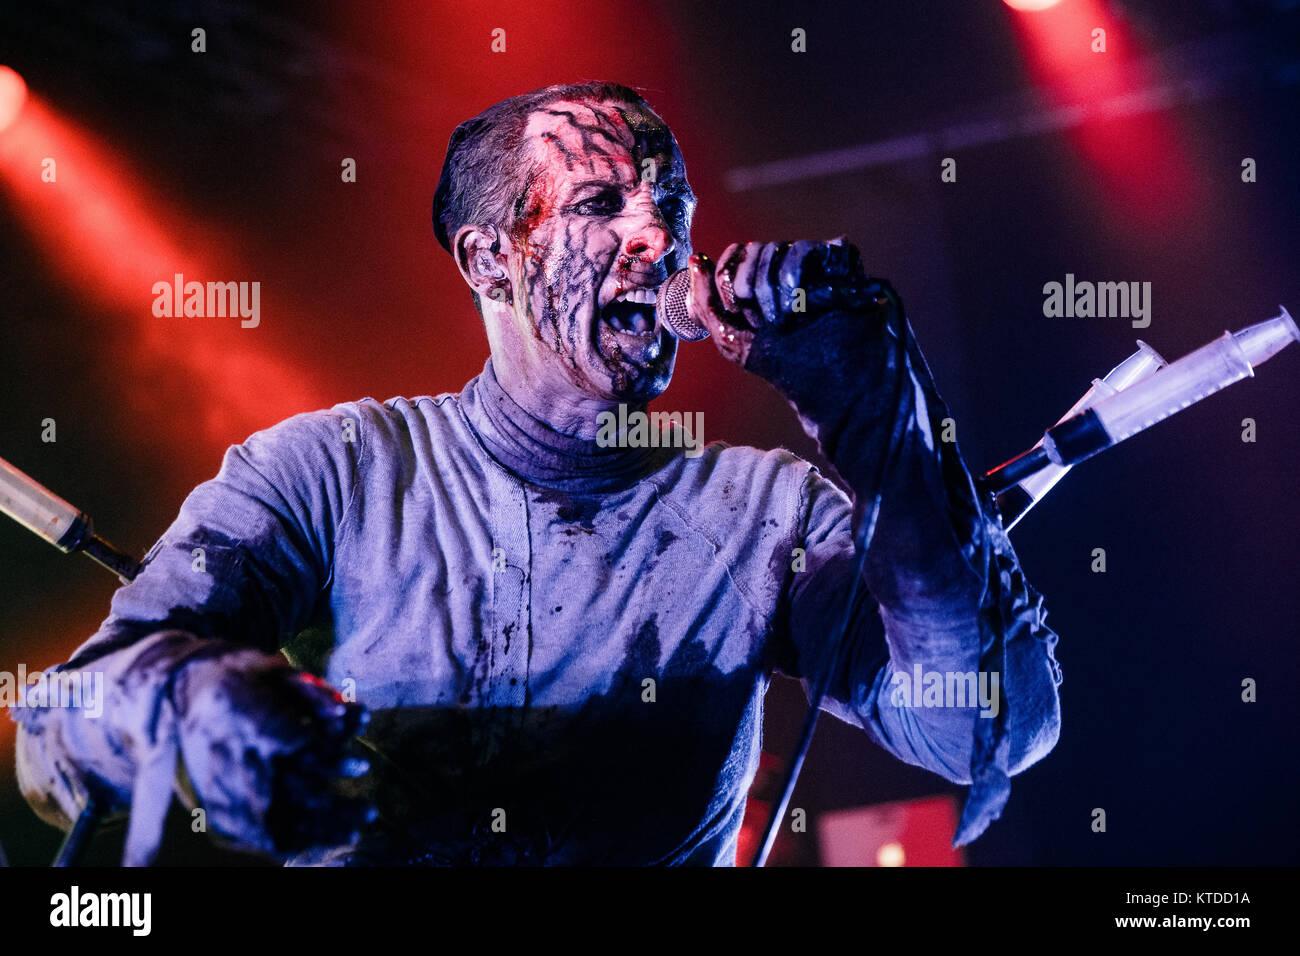 Der kanadischen Musik Gruppe Skinny Puppy führt ein Live Konzert in den Amager Bio in Kopenhagen. Hier Sänger Stockbild